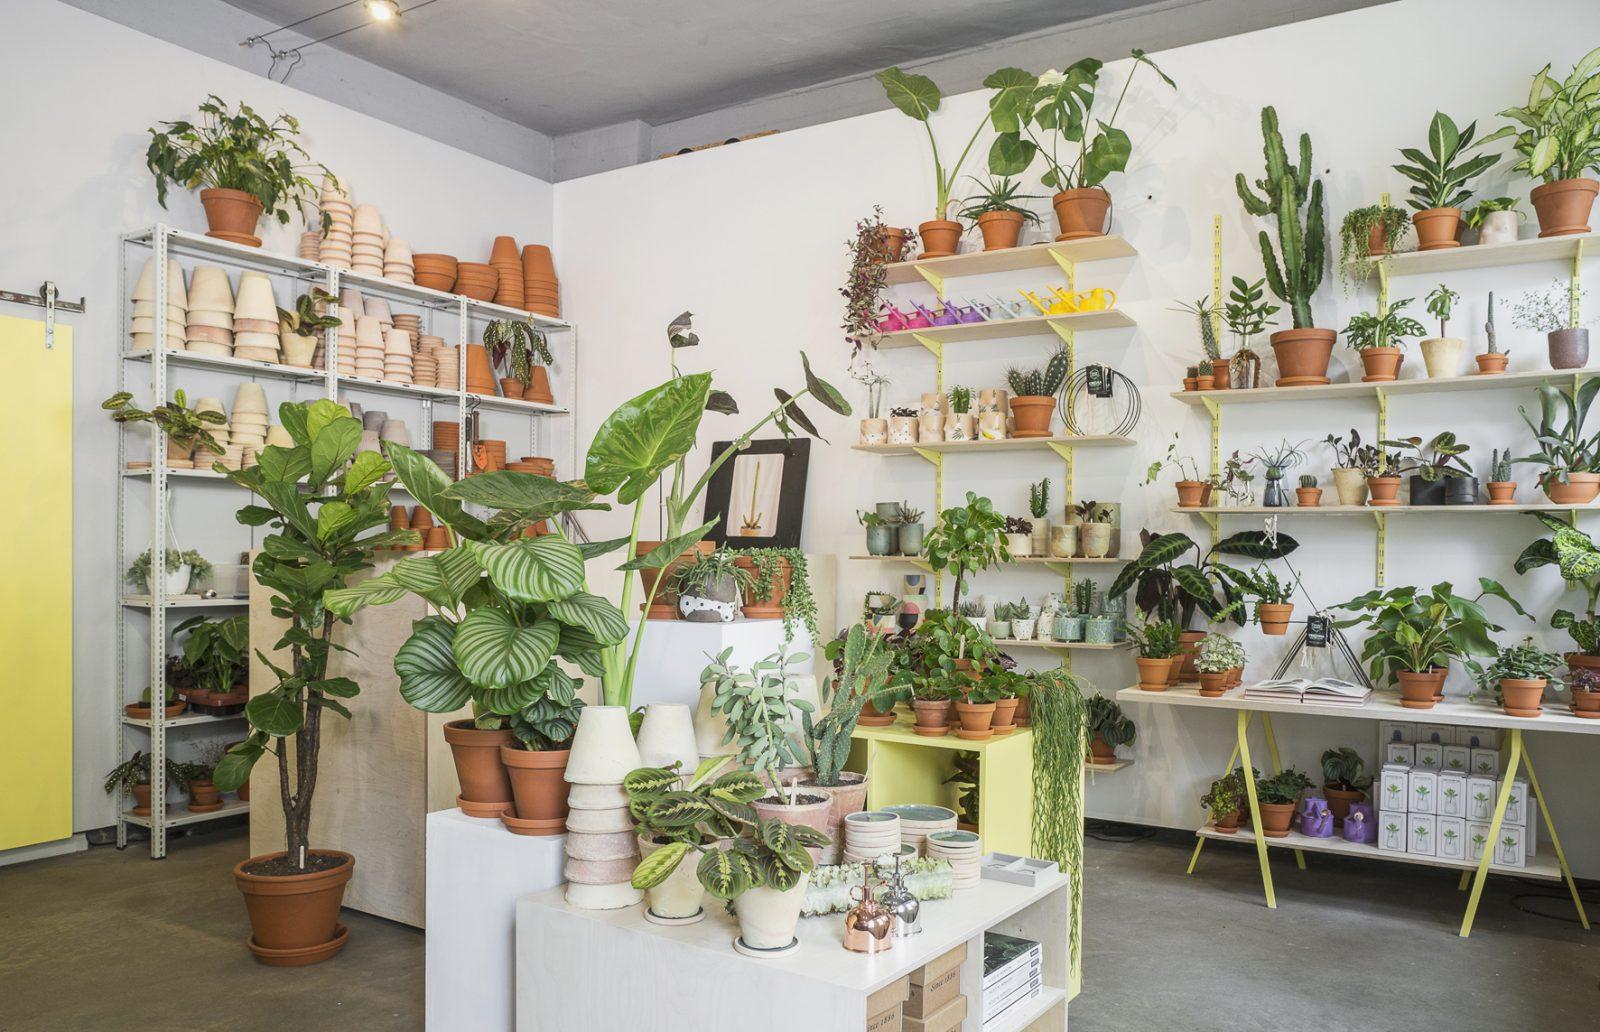 Pflanzen kaufen Berlin Hipper Shop im Herzen Kreuzbergs: The Botanical Room ist eine gute Adresse, wenn man eine besondere Zimmerpflanze sucht.